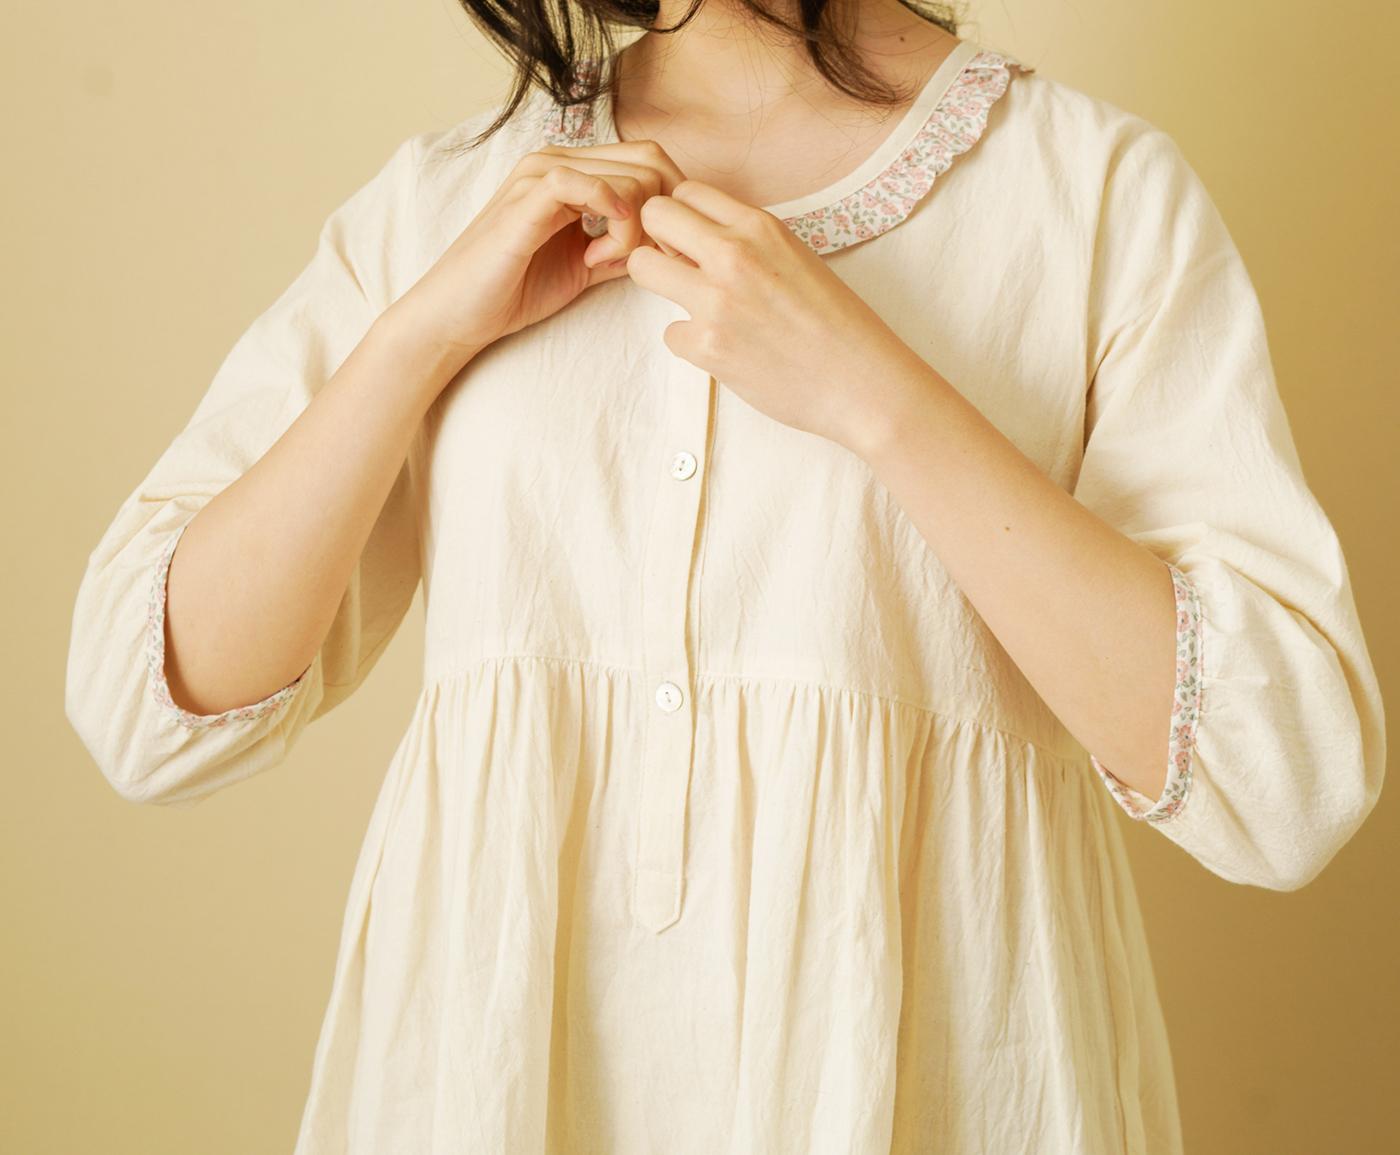 핸드메이드 광목 여성 실내복 긴팔 원피스/100% 손으로 만든 여성 실내복(원피스) 상세이미지6